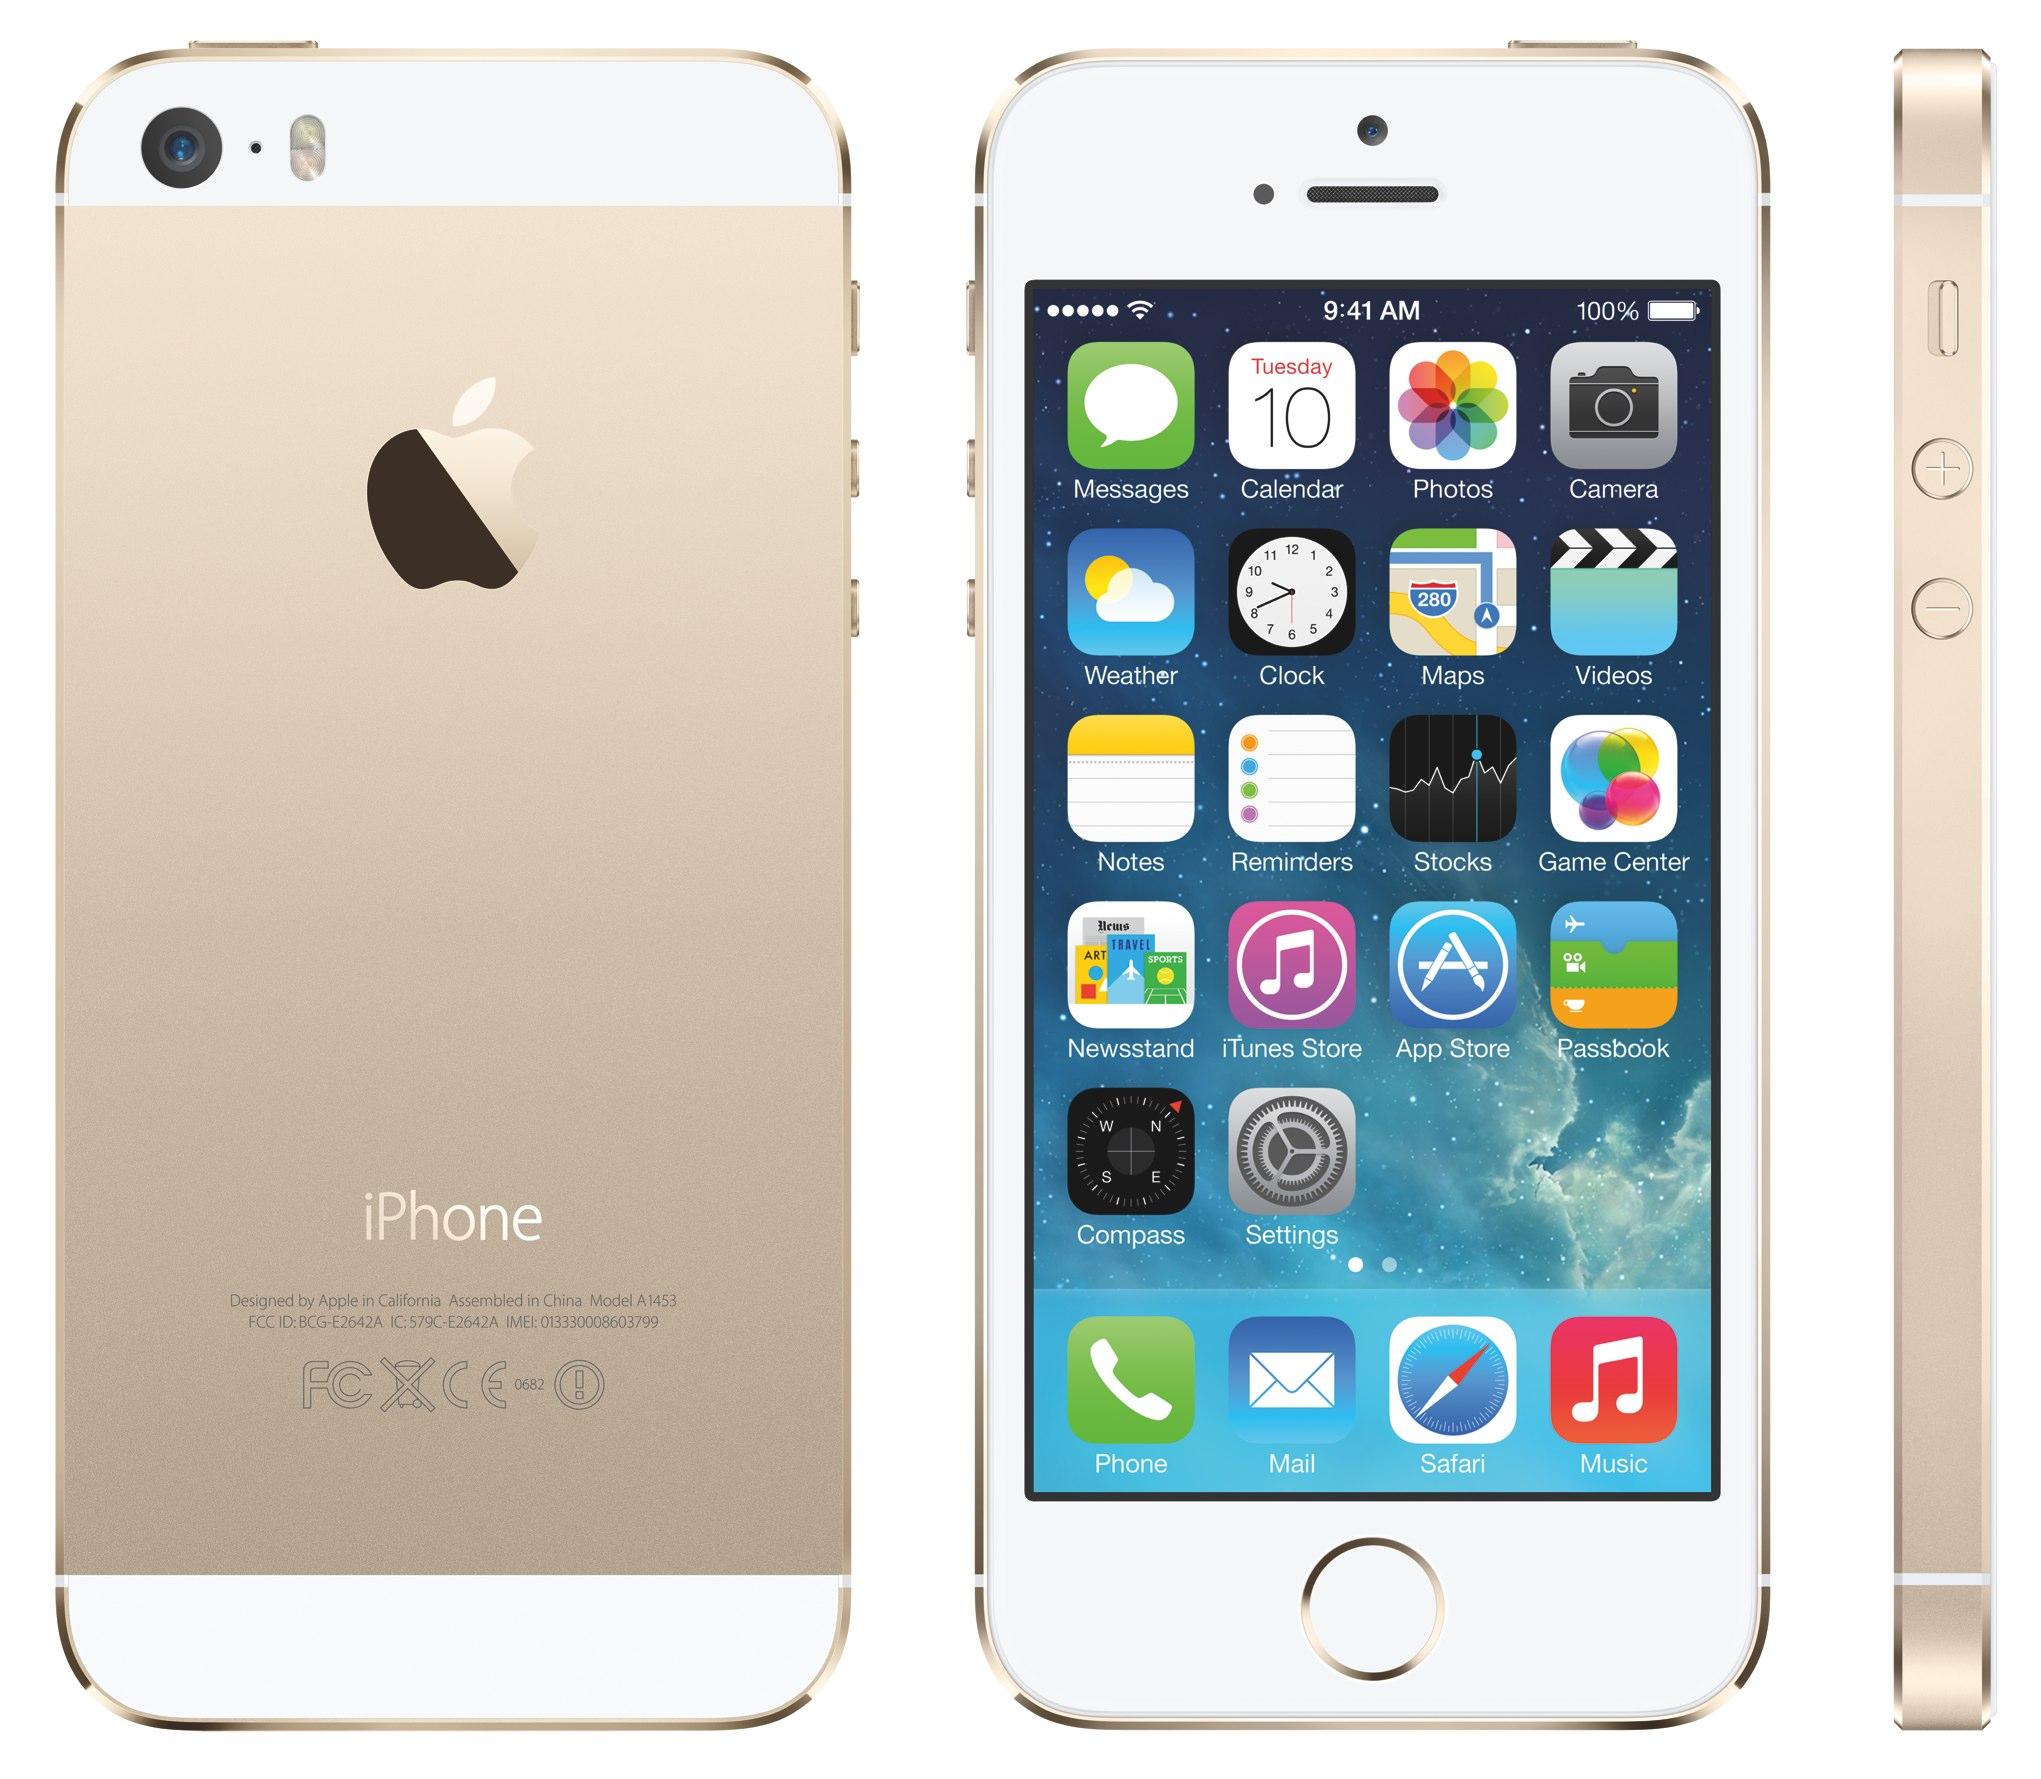 8 bước kiểm tra iPhone 5s cũ